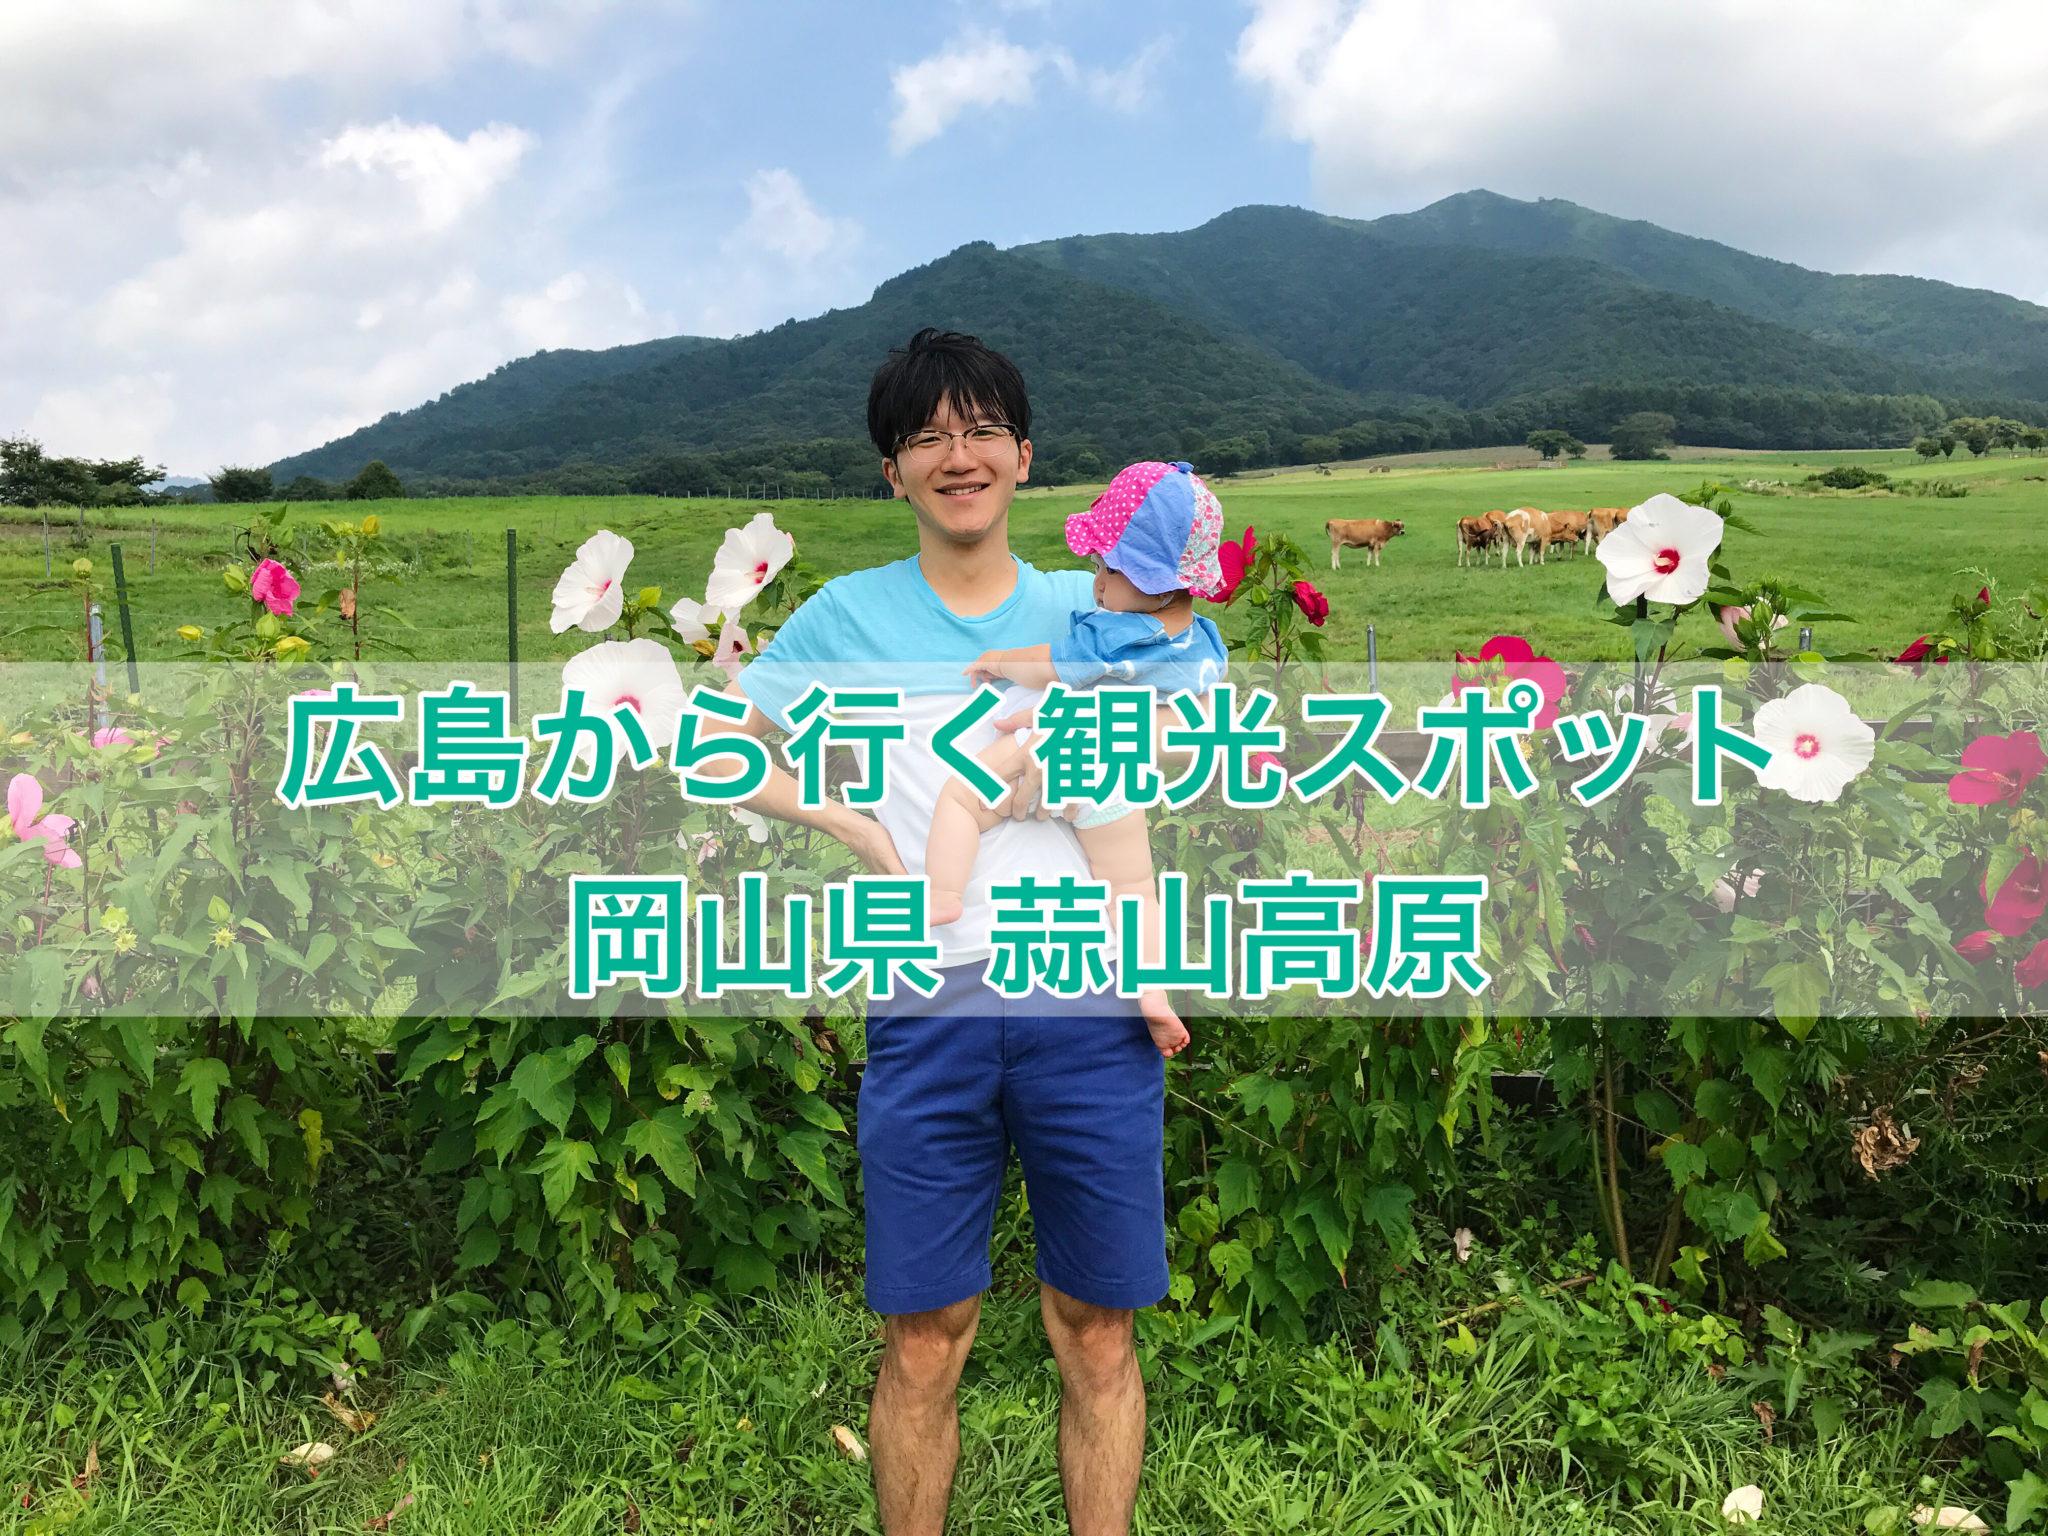 広島から行く観光スポット「岡山県 蒜山高原」